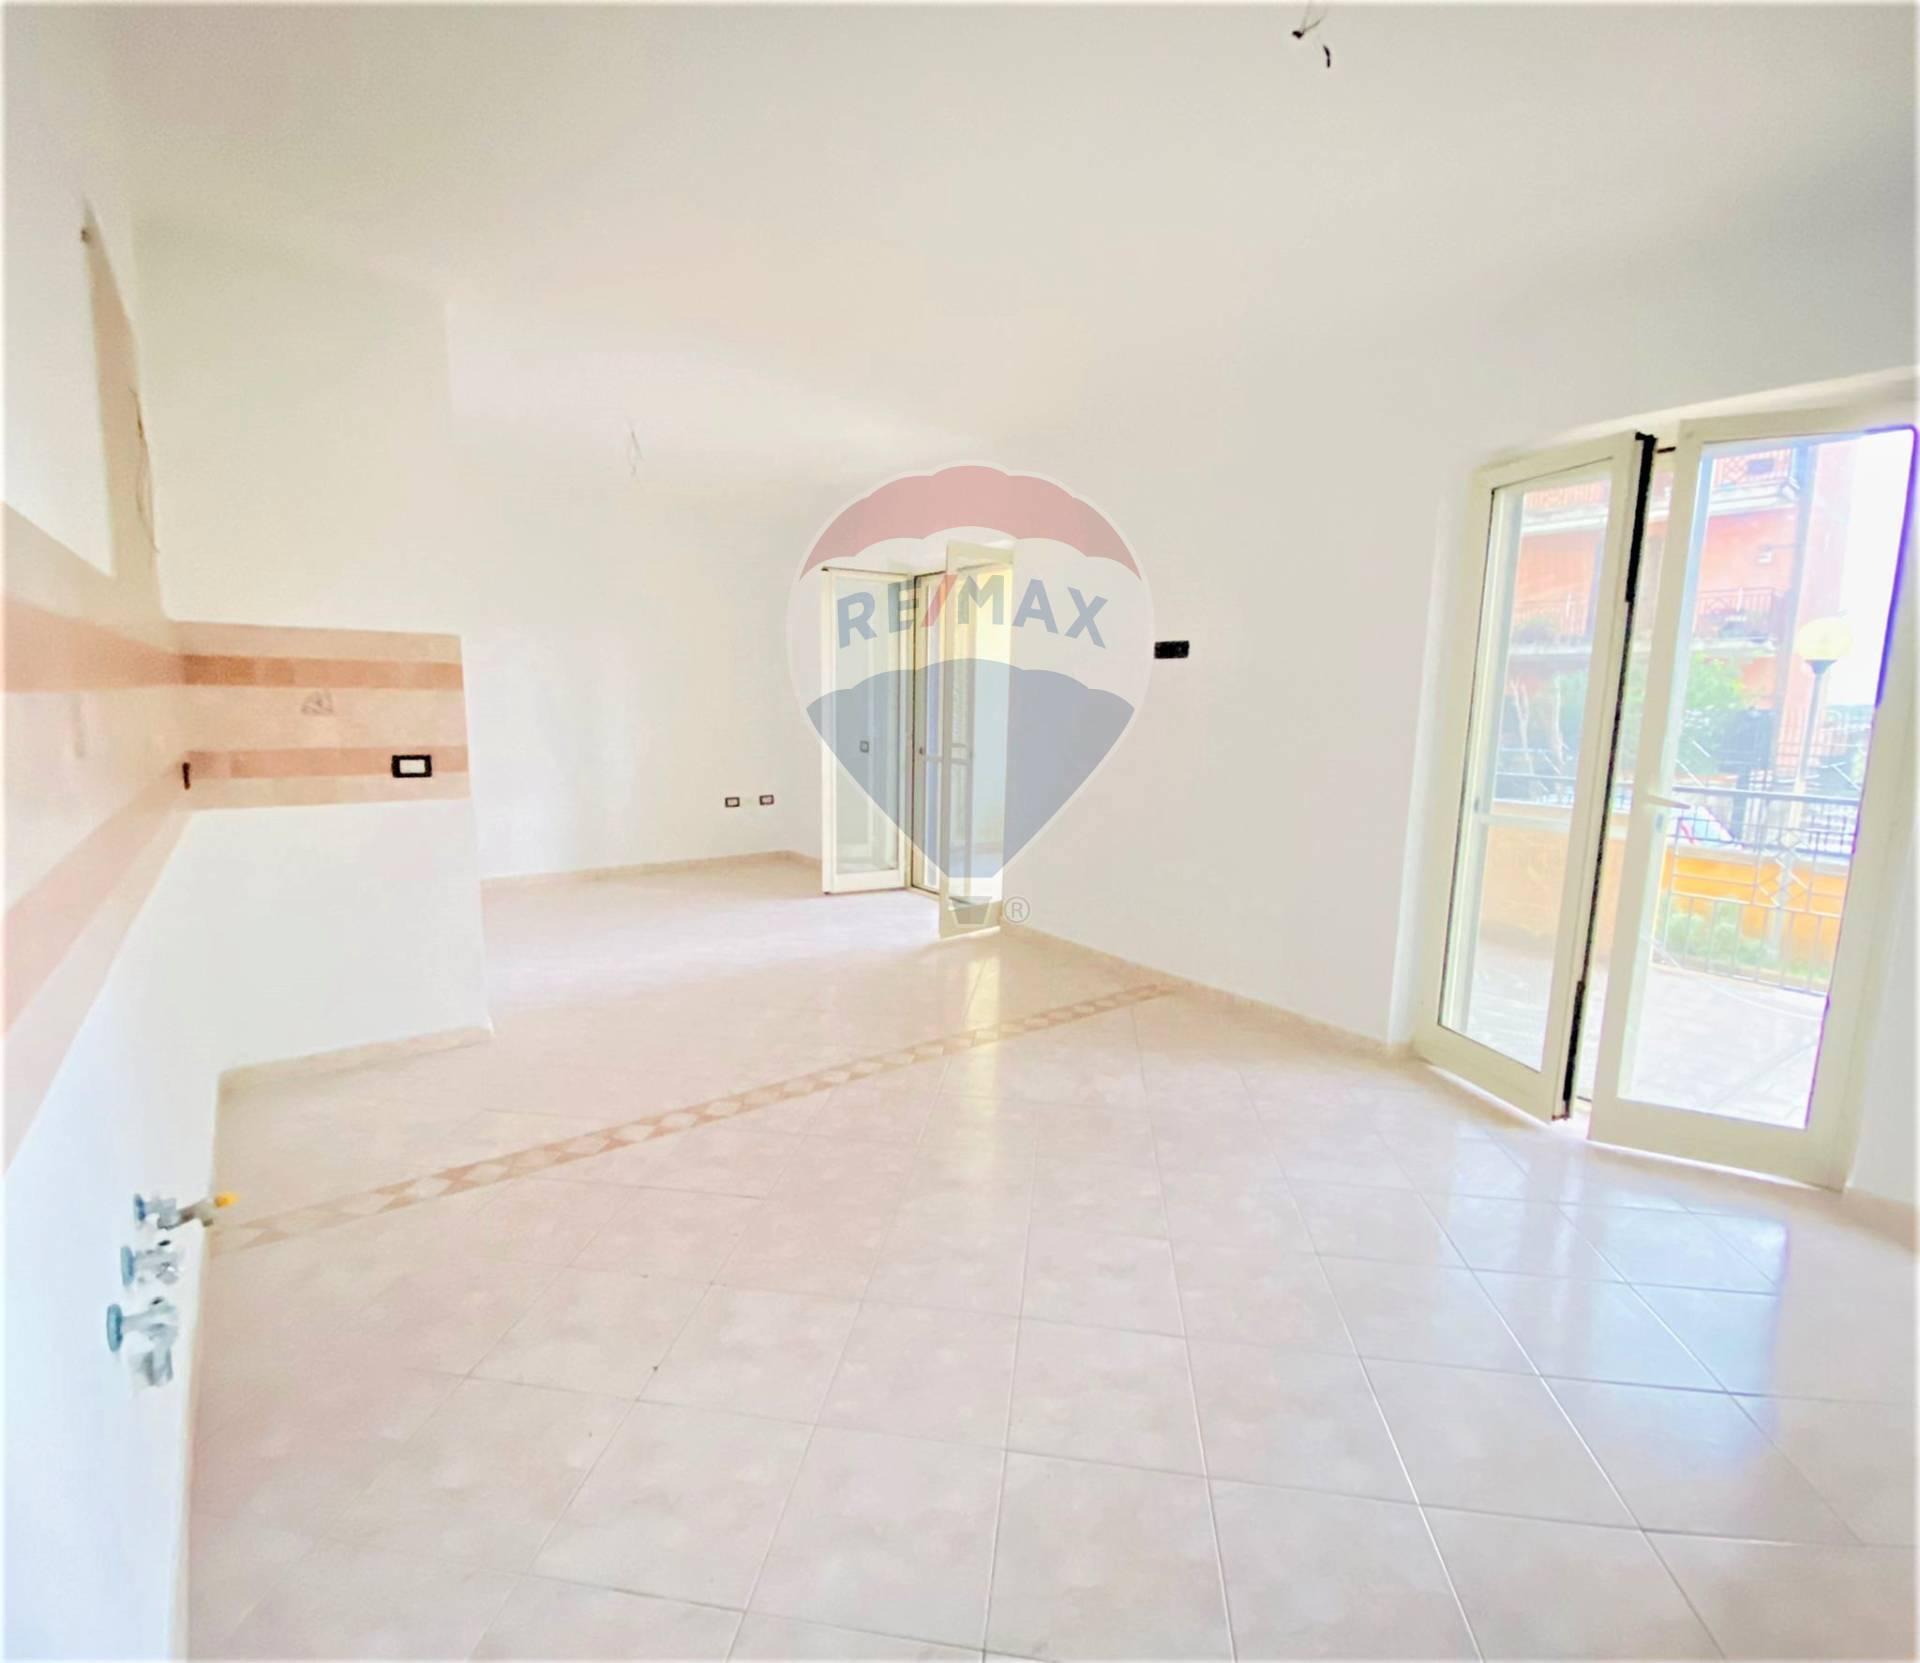 Appartamento in vendita a Acerra, 3 locali, prezzo € 148.000 | CambioCasa.it